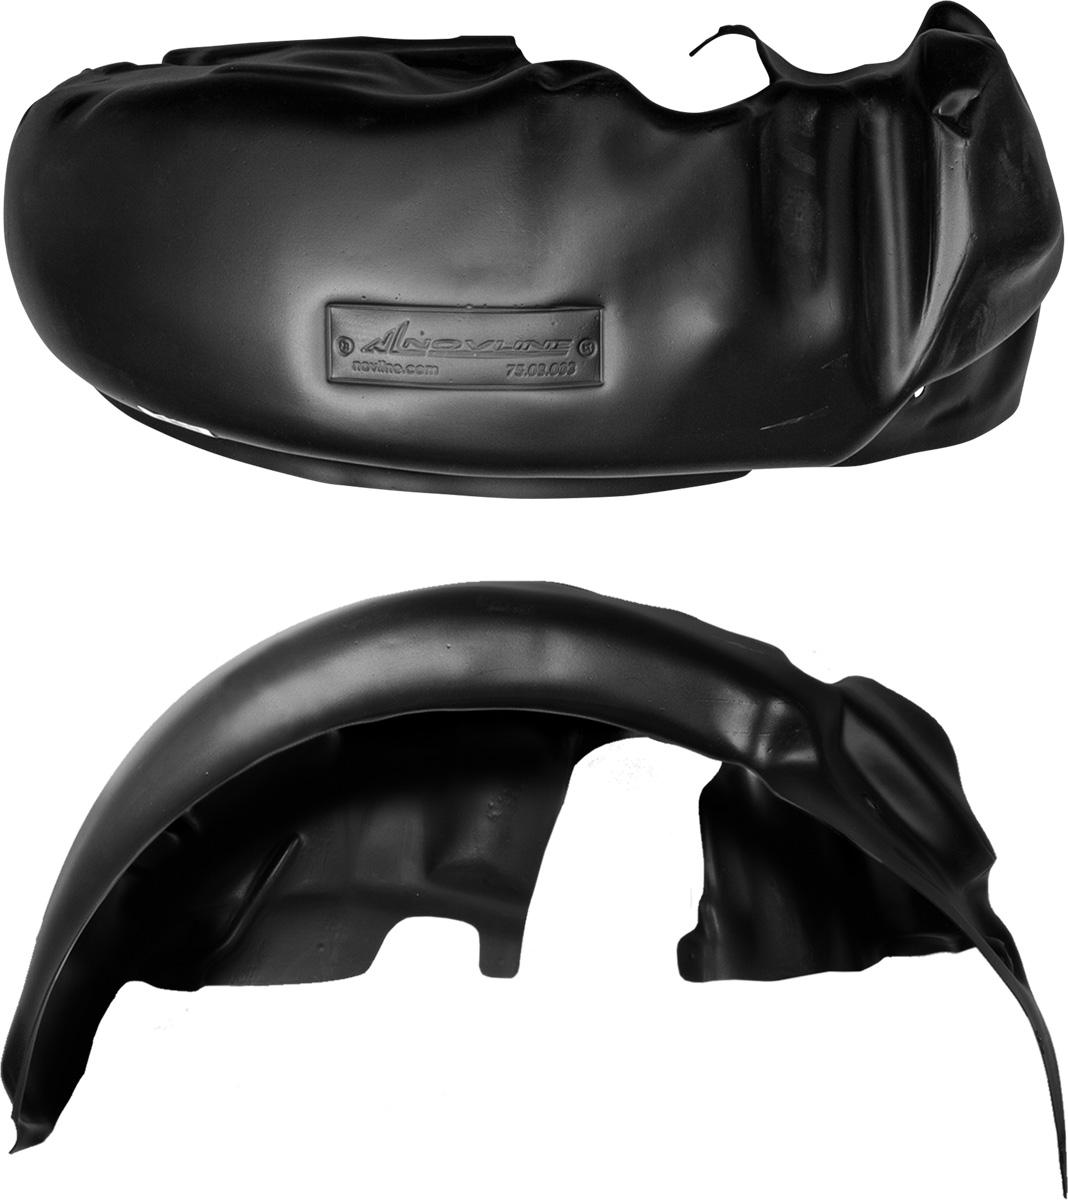 Подкрылок Novline-Autofamily, для Mitsubishi ASX, 2010-2013, 2013->, передний левыйNLL.35.27.001Колесные ниши - одни из самых уязвимых зон днища вашего автомобиля. Они постоянно подвергаются воздействию со стороны дороги. Лучшая, почти абсолютная защита для них - специально отформованные пластиковые кожухи, которые называются подкрылками. Производятся они как для отечественных моделей автомобилей, так и для иномарок. Подкрылки Novline-Autofamily выполнены из высококачественного, экологически чистого пластика. Обеспечивают надежную защиту кузова автомобиля от пескоструйного эффекта и негативного влияния, агрессивных антигололедных реагентов. Пластик обладает более низкой теплопроводностью, чем металл, поэтому в зимний период эксплуатации использование пластиковых подкрылков позволяет лучше защитить колесные ниши от налипания снега и образования наледи. Оригинальность конструкции подчеркивает элегантность автомобиля, бережно защищает нанесенное на днище кузова антикоррозийное покрытие и позволяет осуществить крепление подкрылков внутри колесной арки практически без дополнительного крепежа и сверления, не нарушая при этом лакокрасочного покрытия, что предотвращает возникновение новых очагов коррозии. Подкрылки долговечны, обладают высокой прочностью и сохраняют заданную форму, а также все свои физико-механические характеристики в самых тяжелых климатических условиях (от -50°С до +50°С).Уважаемые клиенты!Обращаем ваше внимание, на тот факт, что подкрылок имеет форму, соответствующую модели данного автомобиля. Фото служит для визуального восприятия товара.